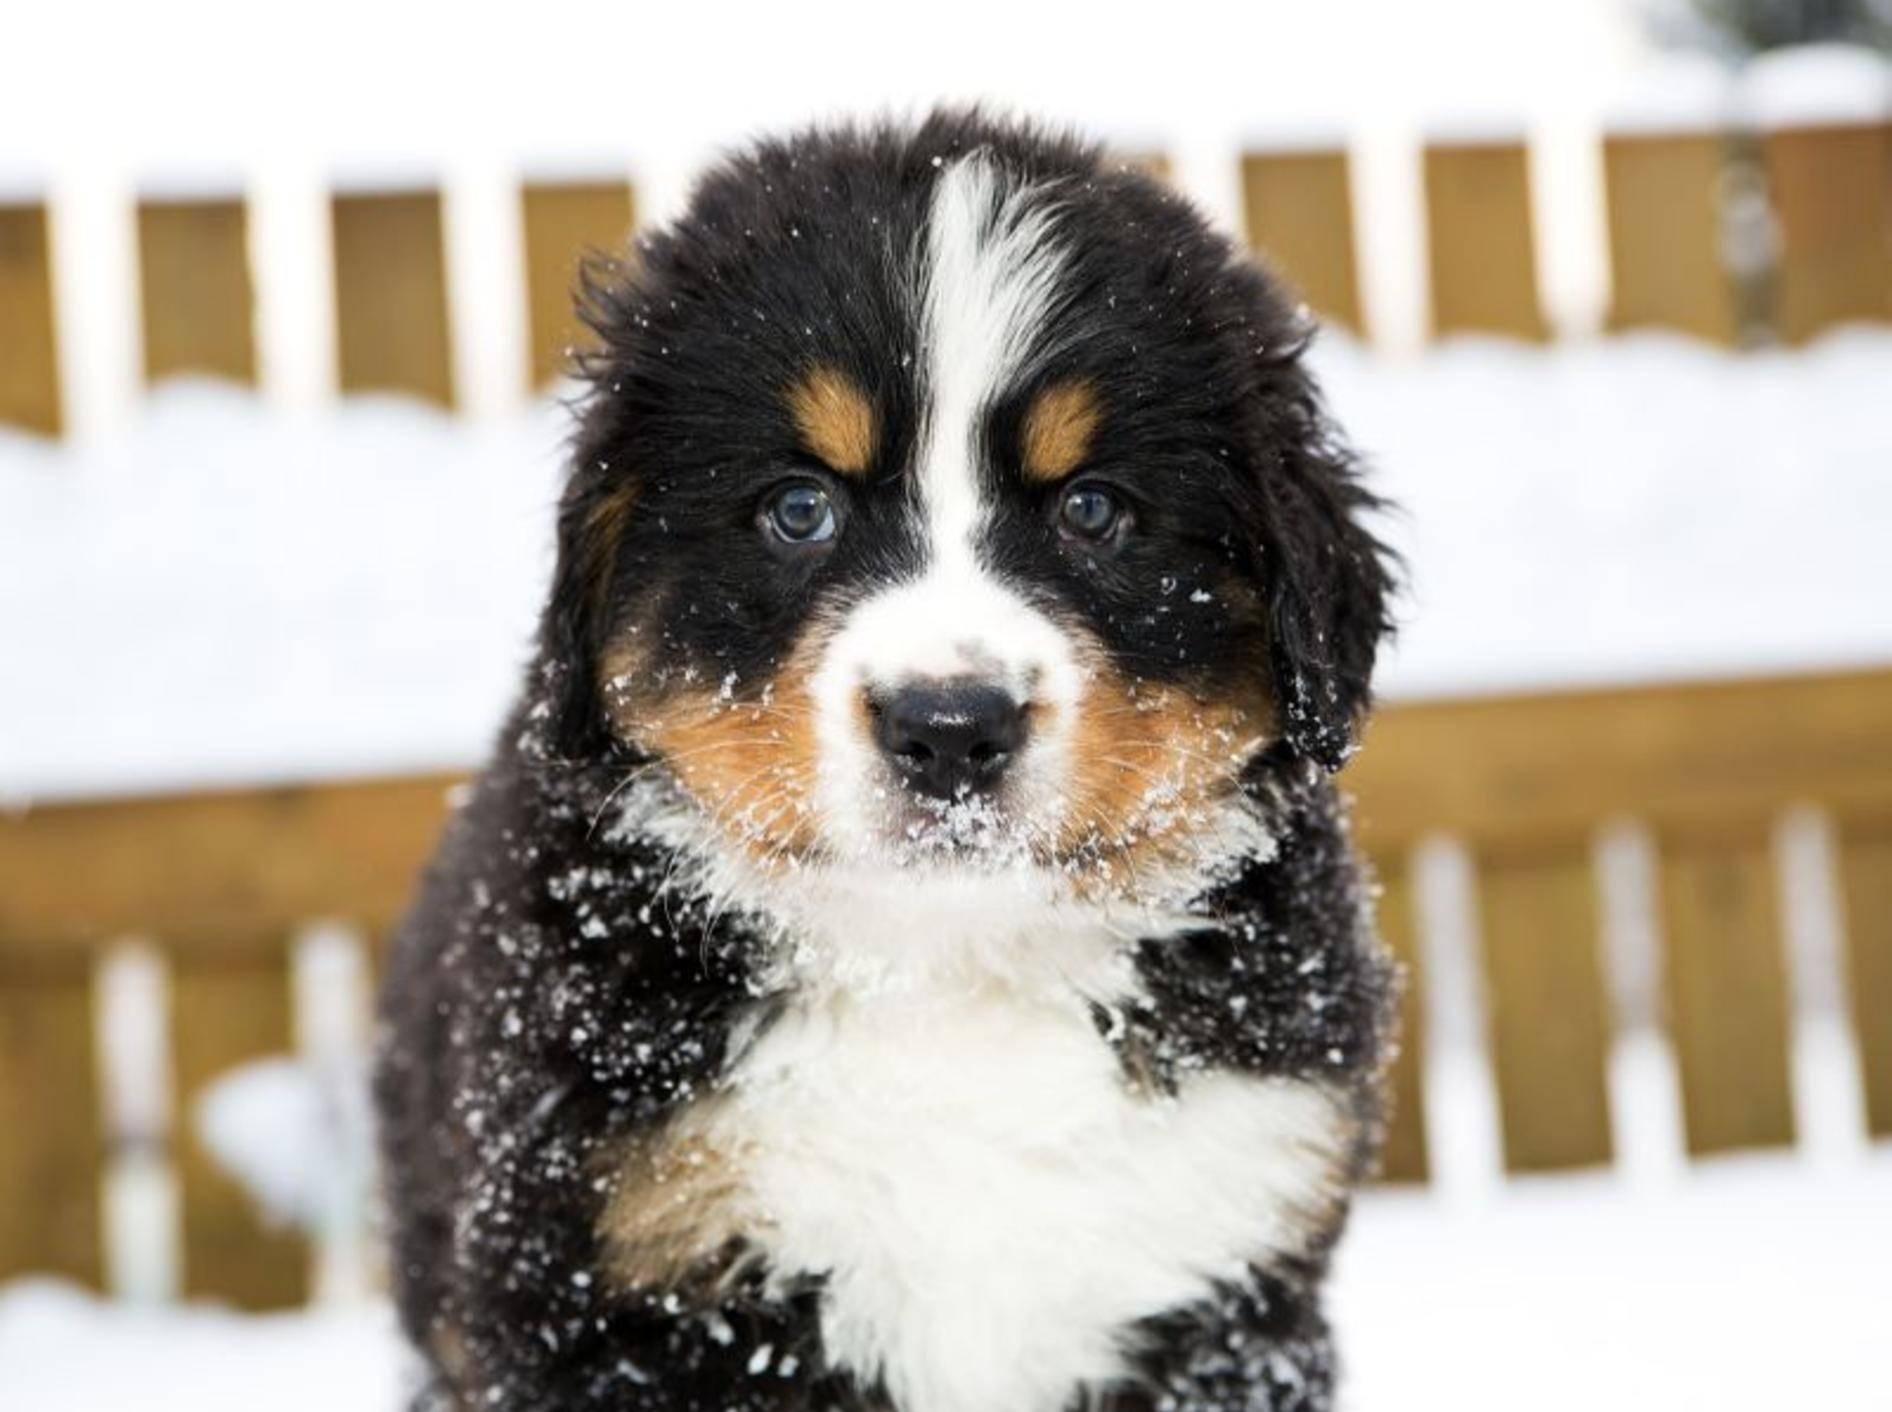 Der Berner Sennenhund als Welpe: Zuckersüß und mit einem dicken, dreifarbigen Fell — Bild: Shutterstock / Einar Muoni